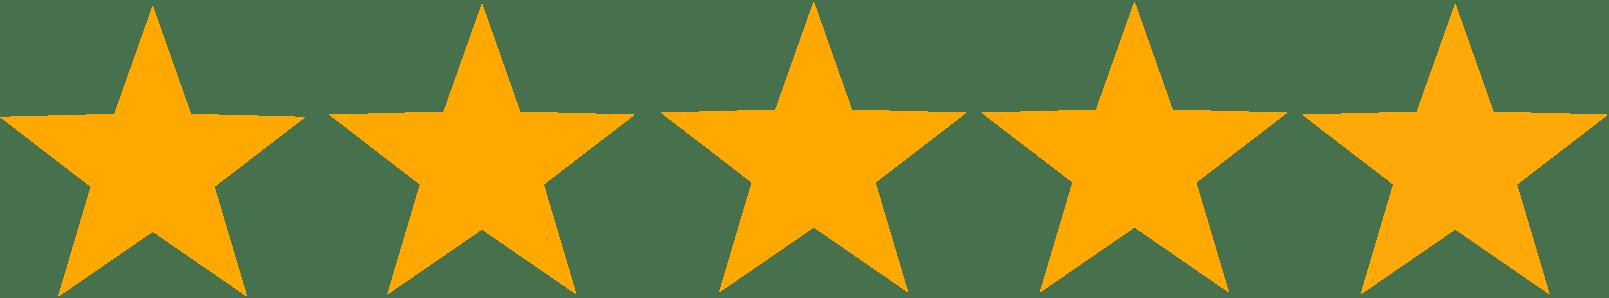 5 stars icon for testimonials